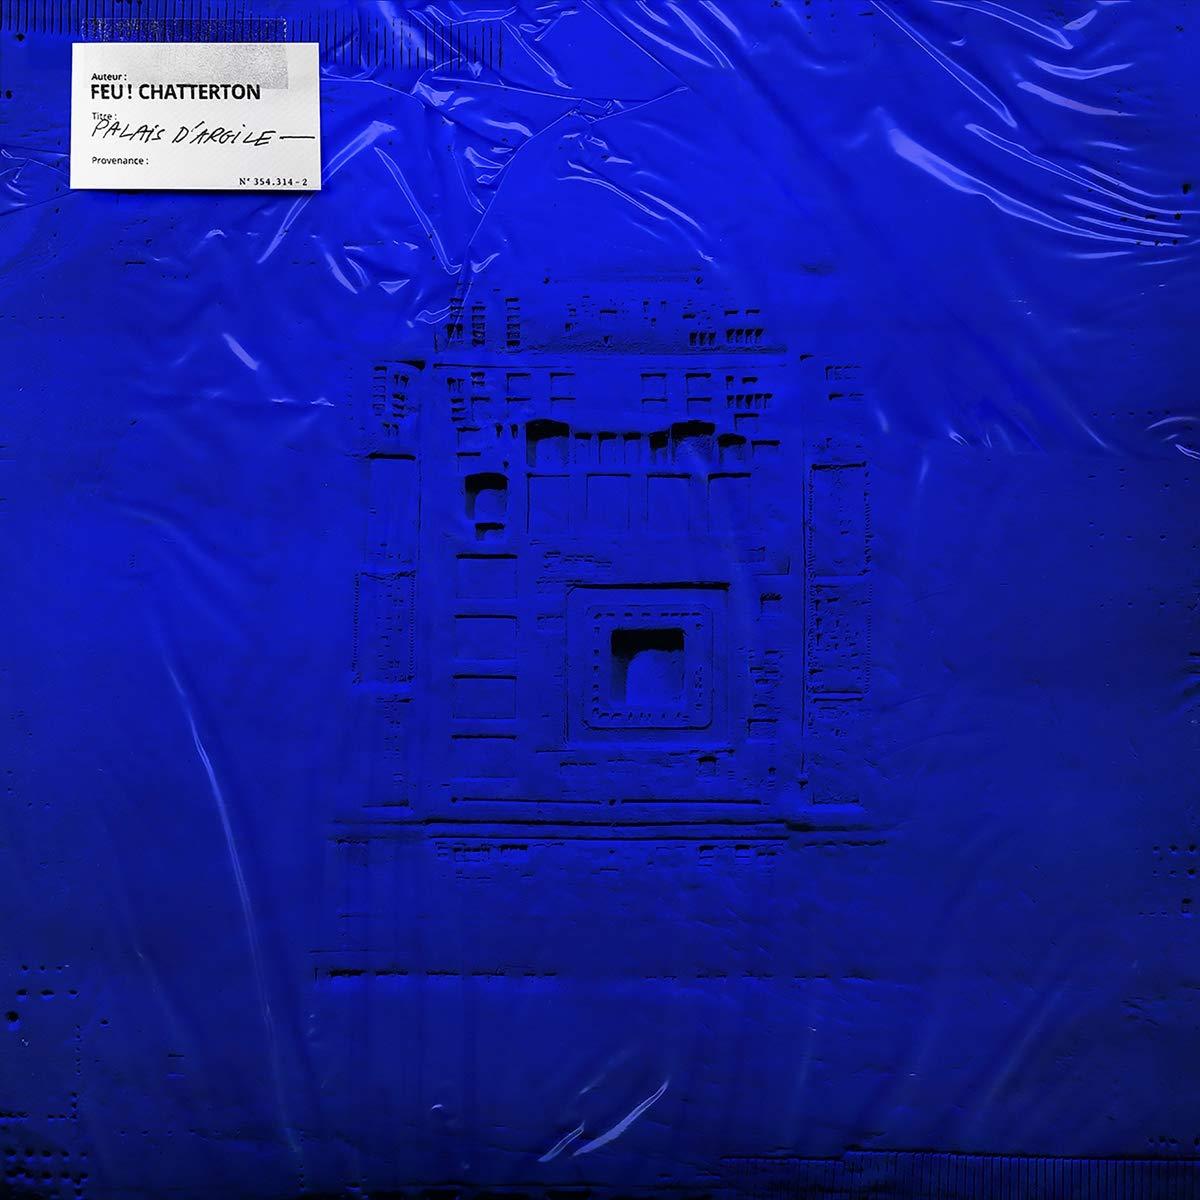 Feu! Chatterton – Palais d'argile (2021) [FLAC]